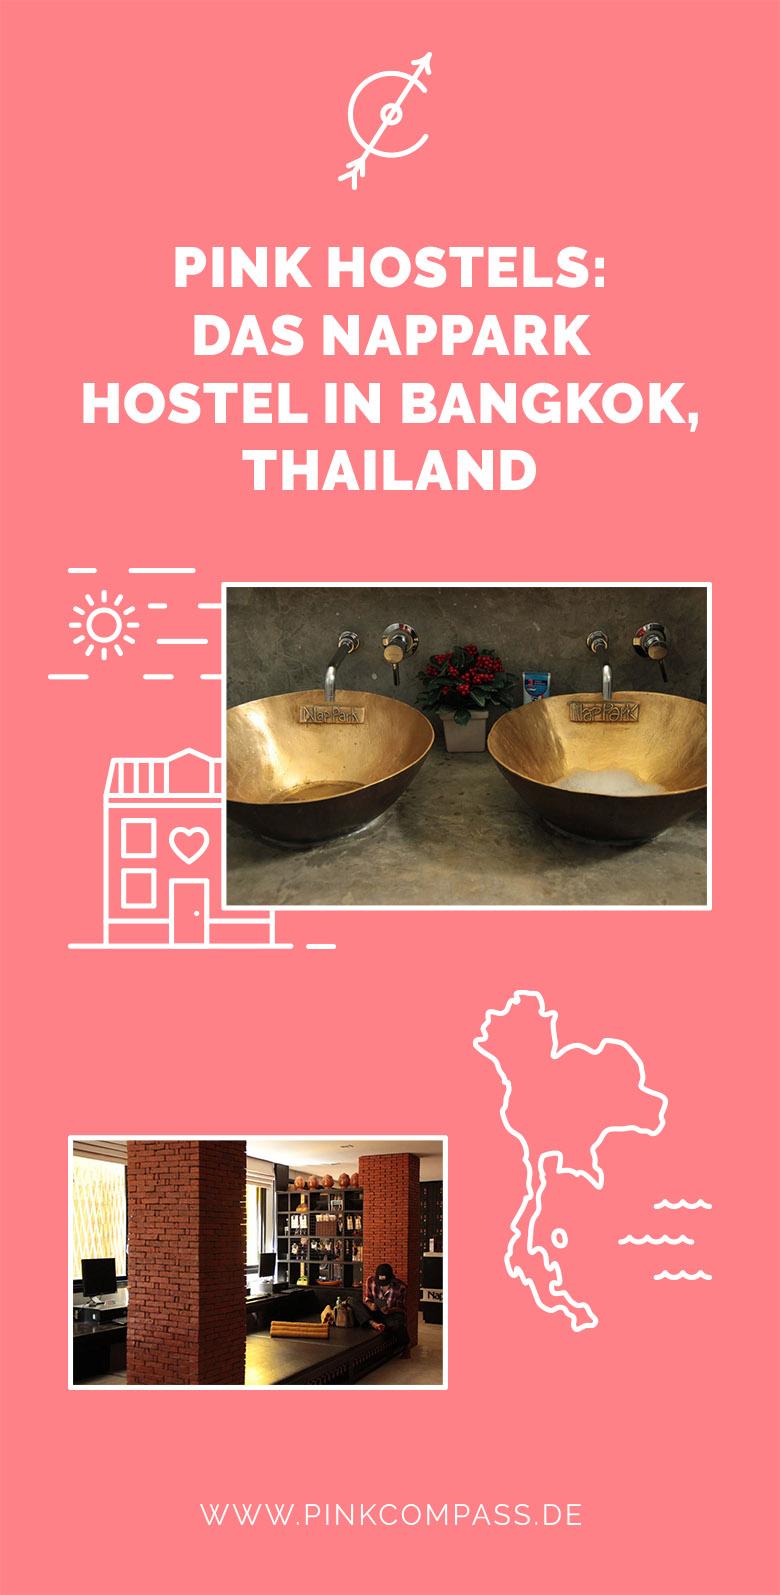 Pink Hostels: Meine Erfahrung mit dem Nappark Hostel in Bangkok, Thailand